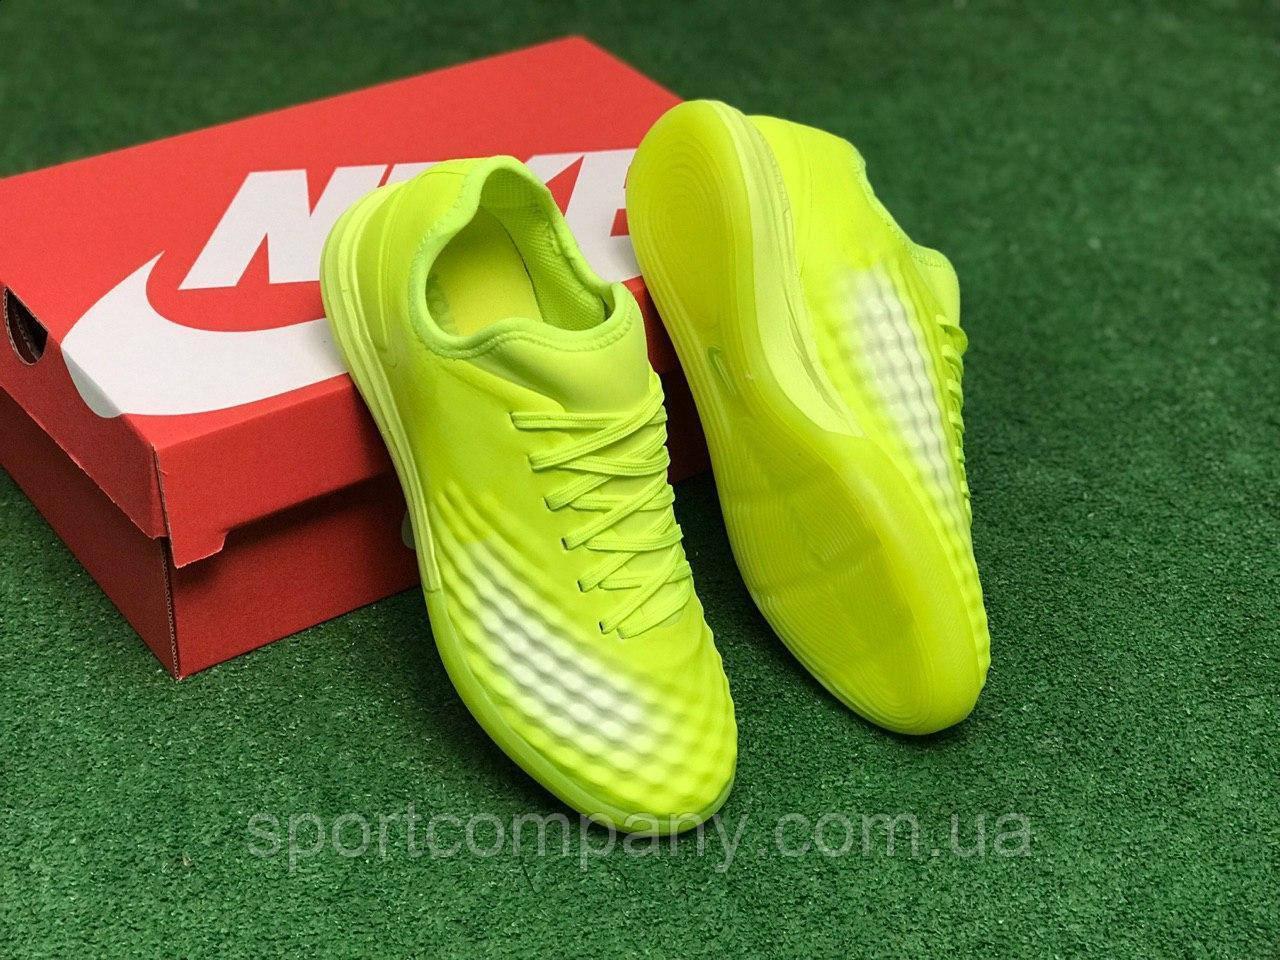 Футзалки  Nike Magista TF/найк магиста/футбольная обувь